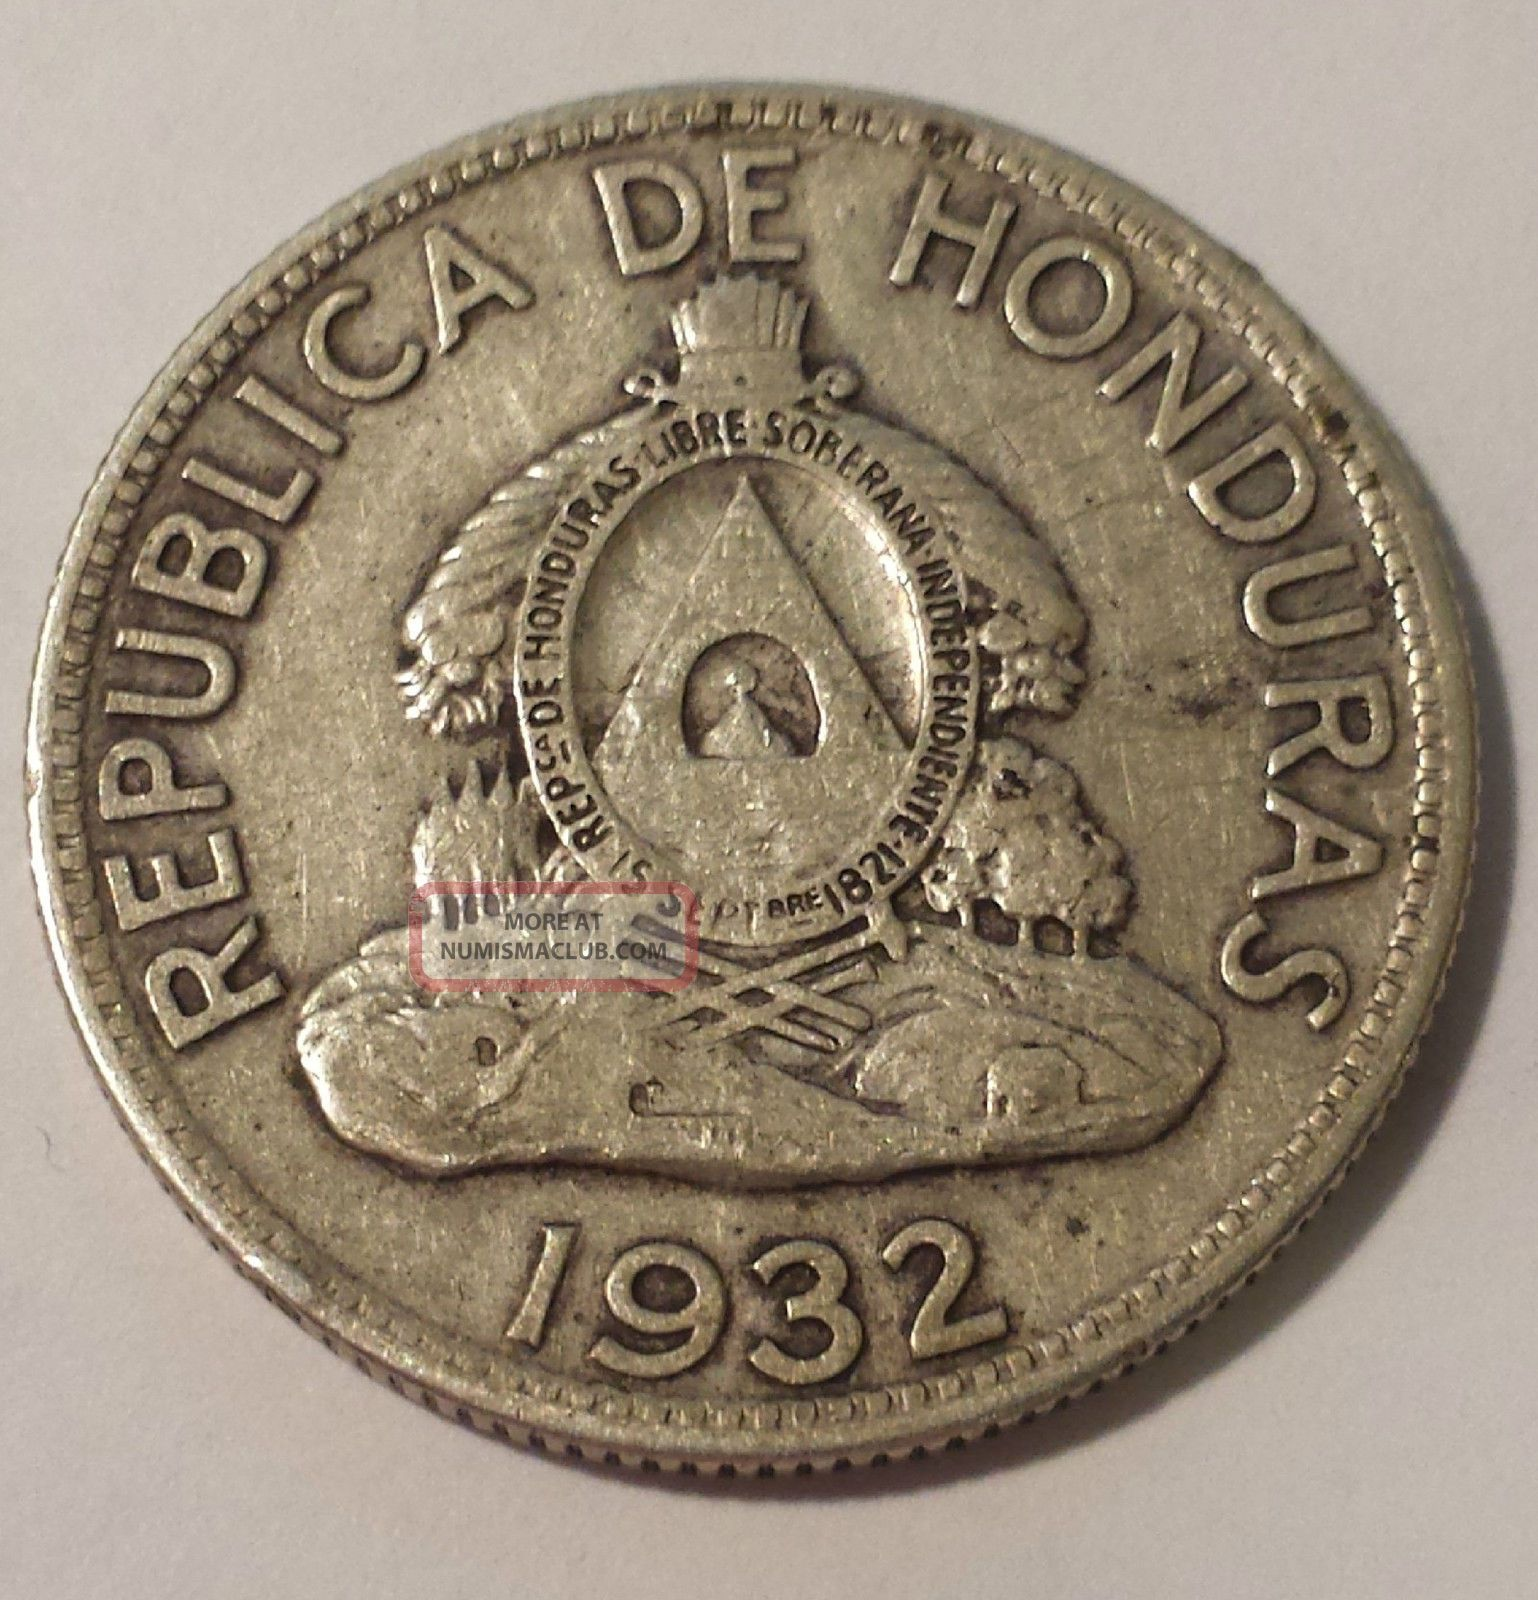 1932 Un Lempira Republica De Honduras 0 900 Silver Coin